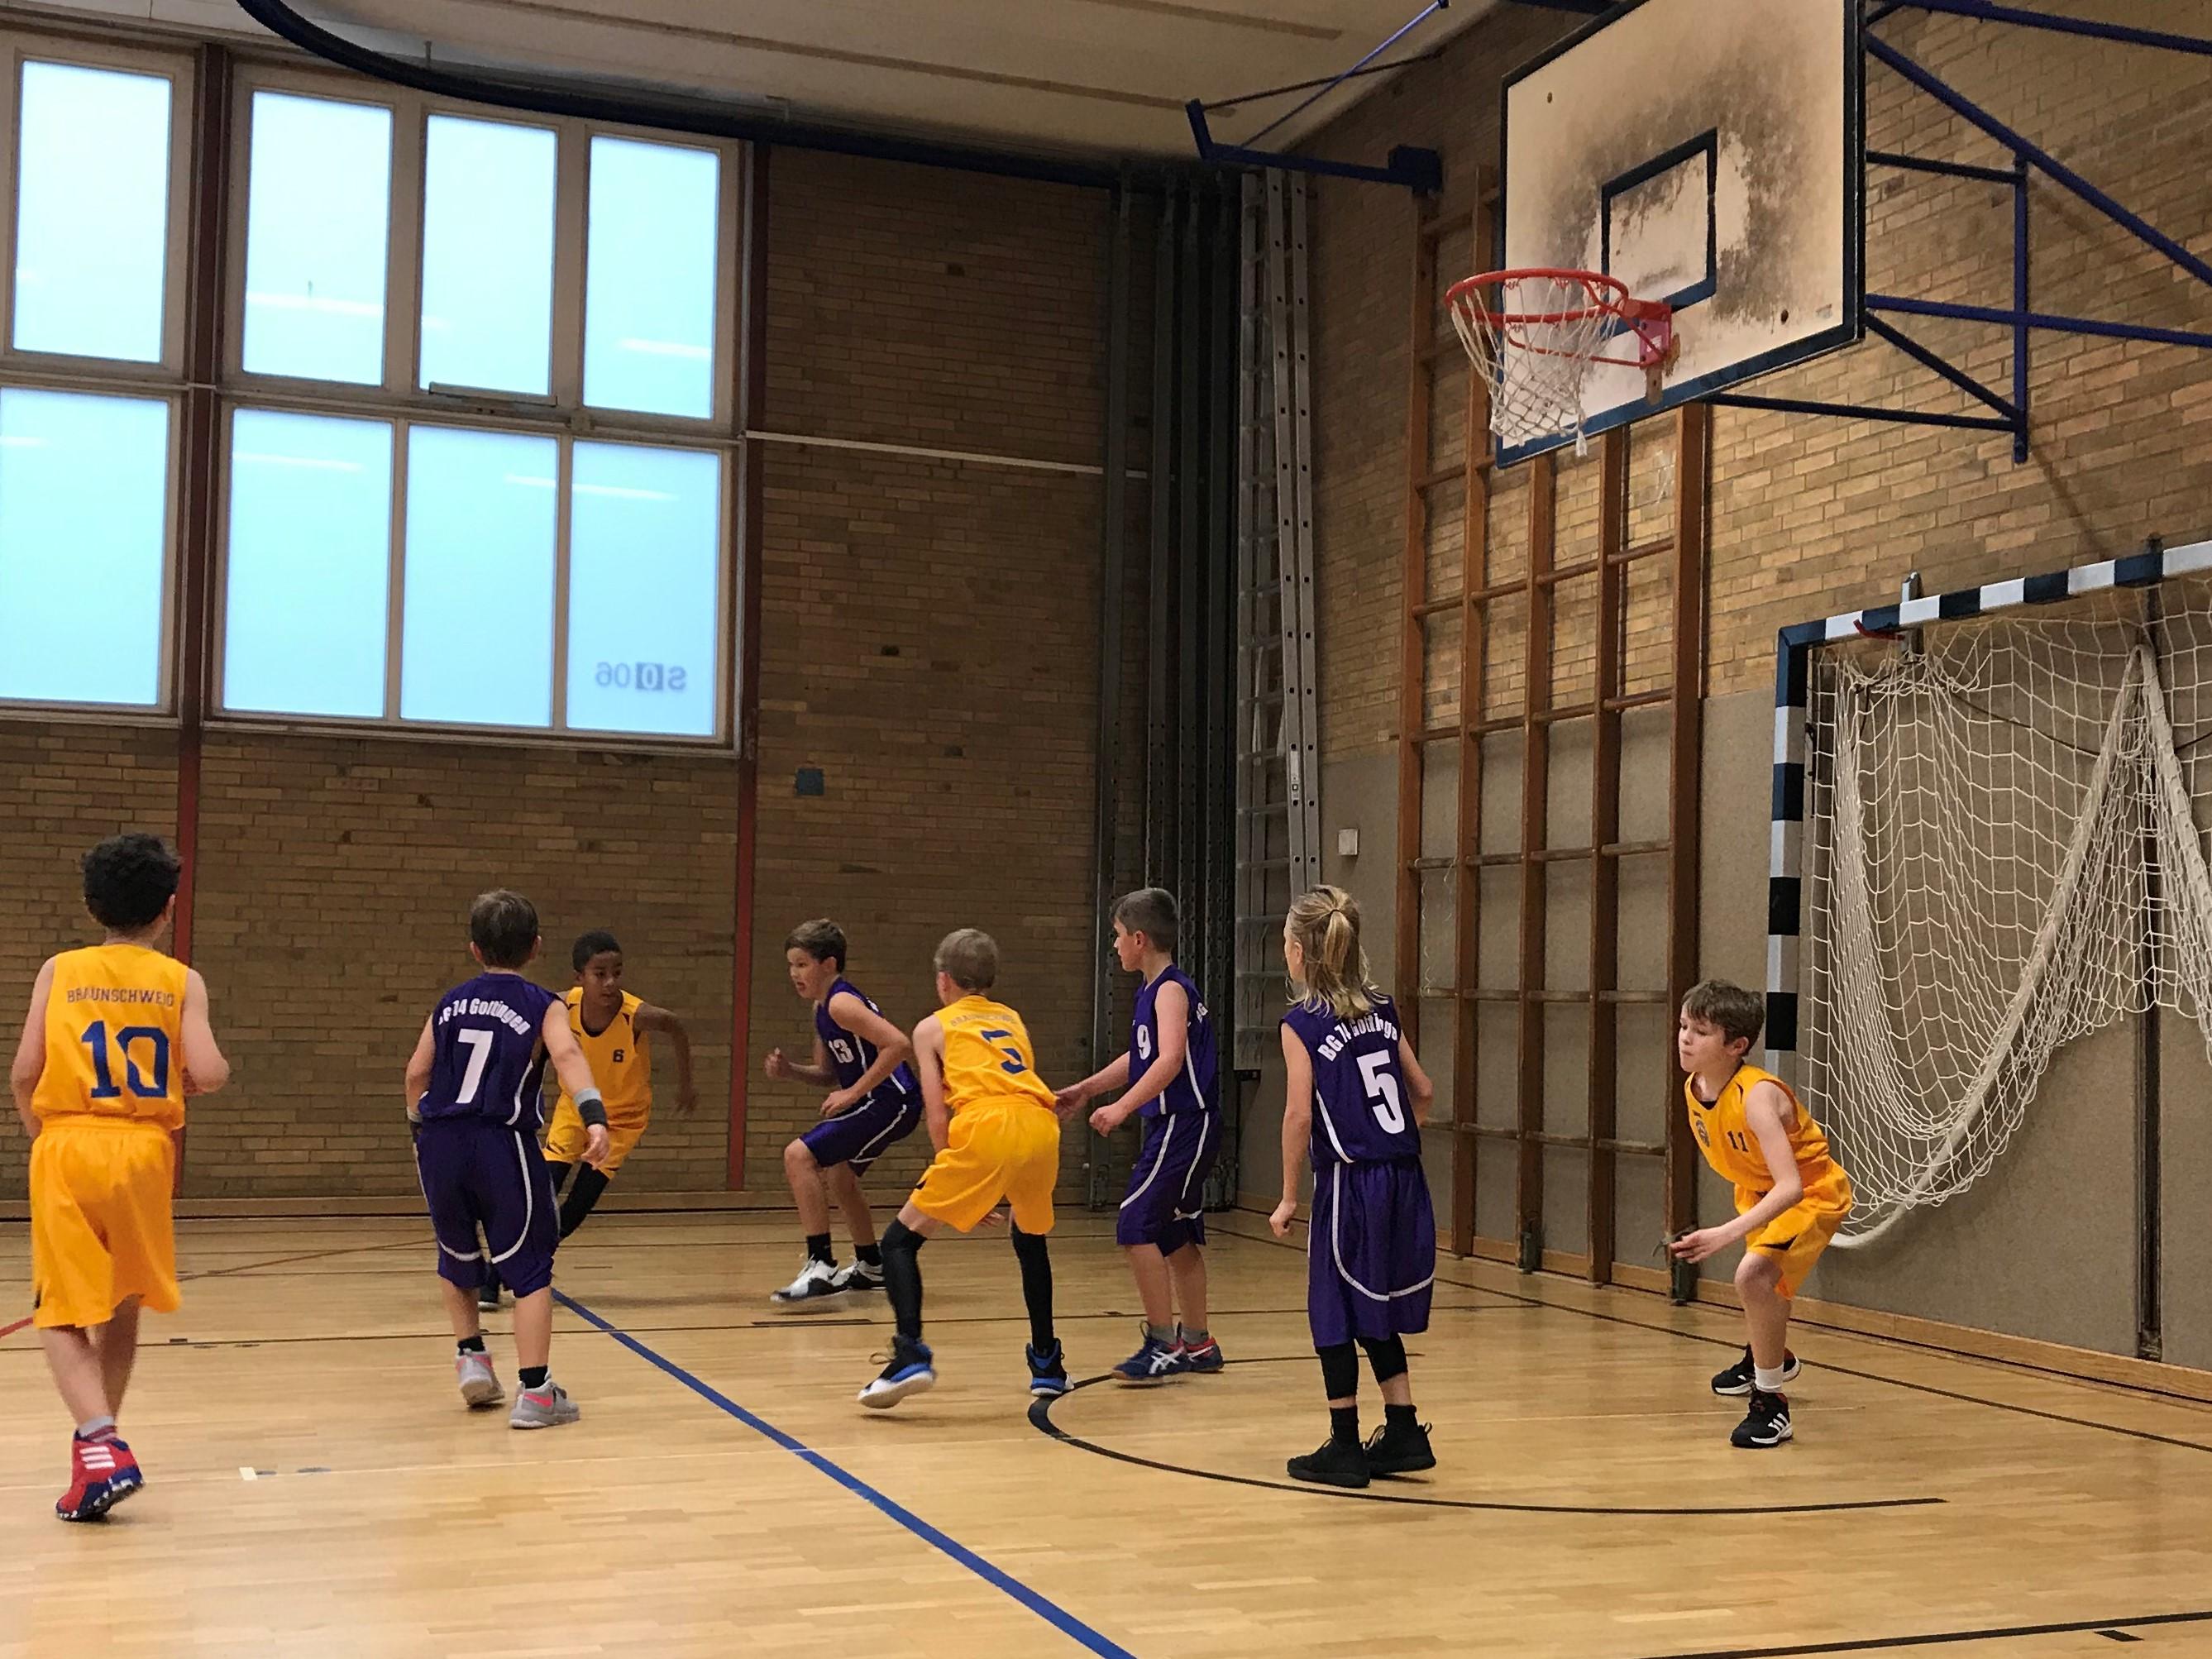 U10-1 gewinnt gegen beide Göttinger Mannschaften im Auftakt – Turnier der Bezirksoberliga